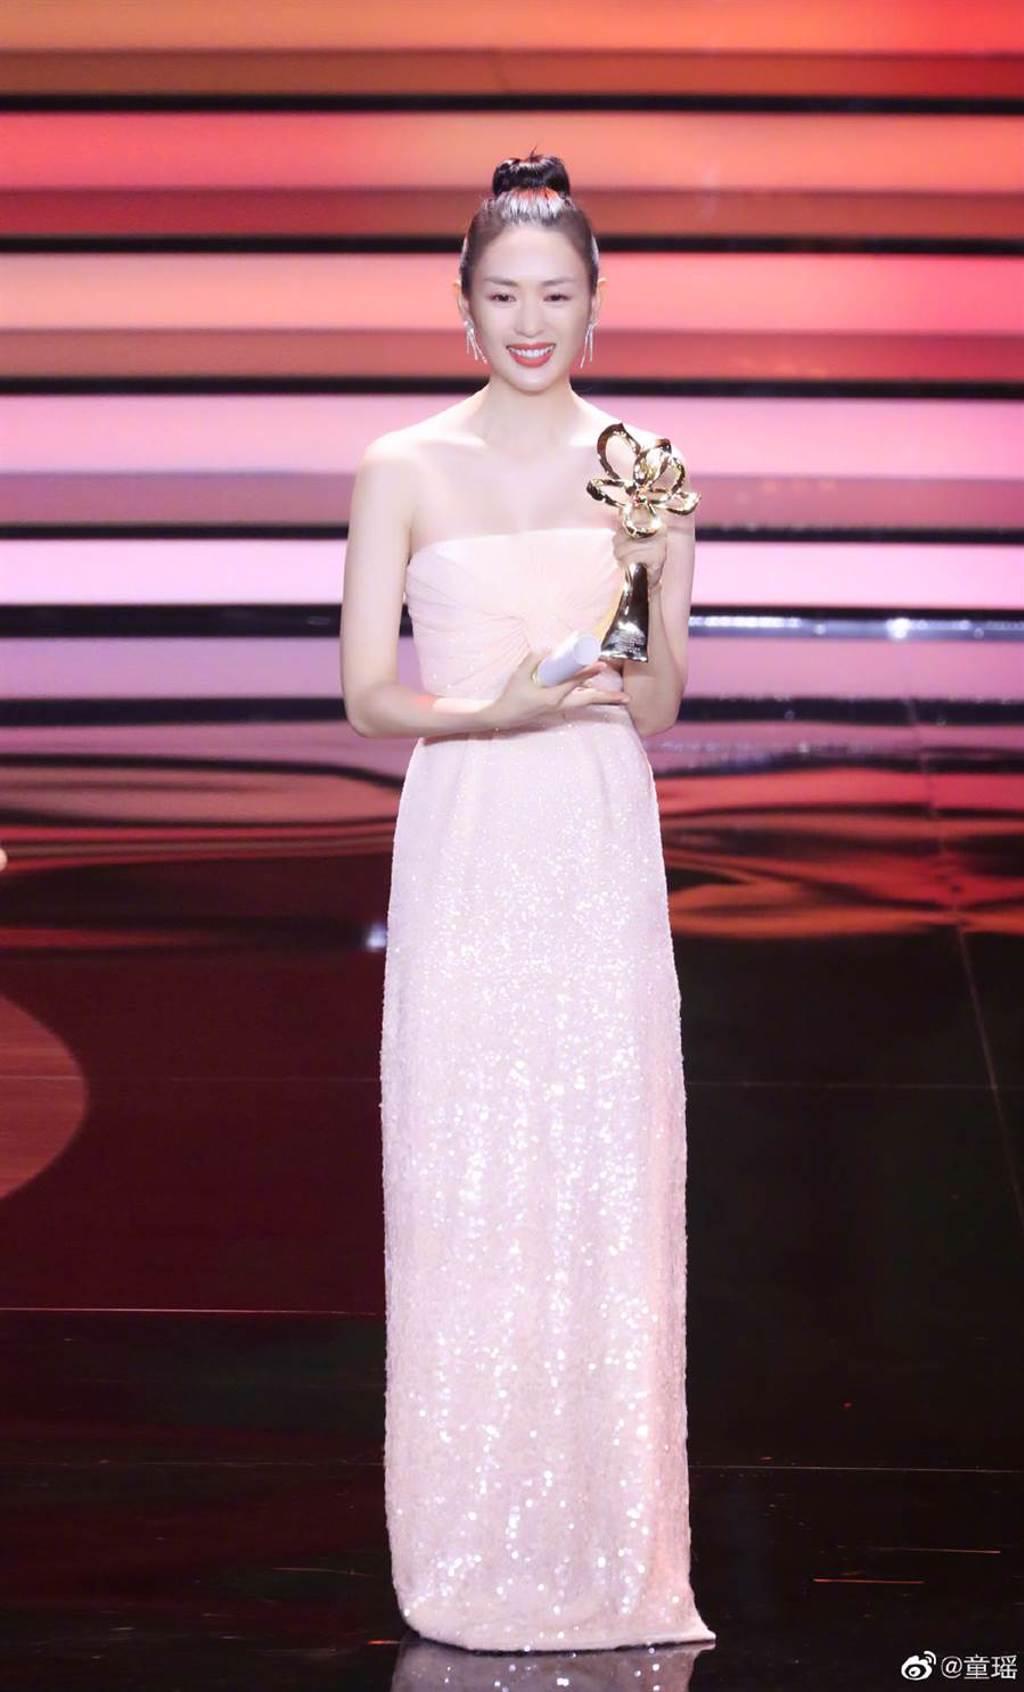 童瑤去年獲得上海電視節白玉蘭獎最佳女配角。(圖/翻攝自微博)